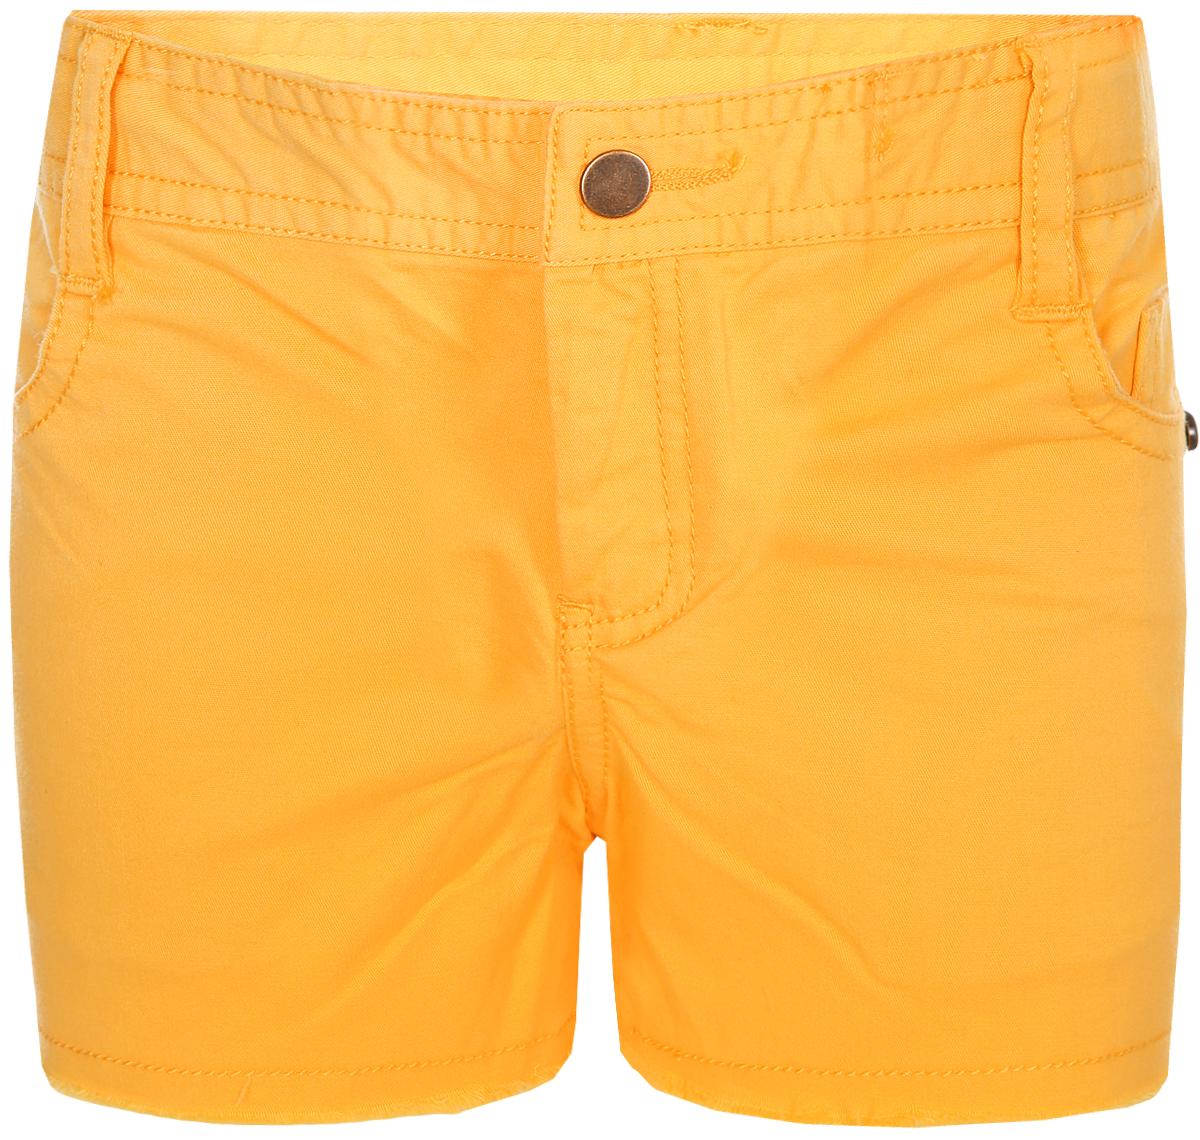 все цены на Шорты для девочки Sela, цвет: желтый. SH-515/524-8224. Размер 110, 5 лет онлайн